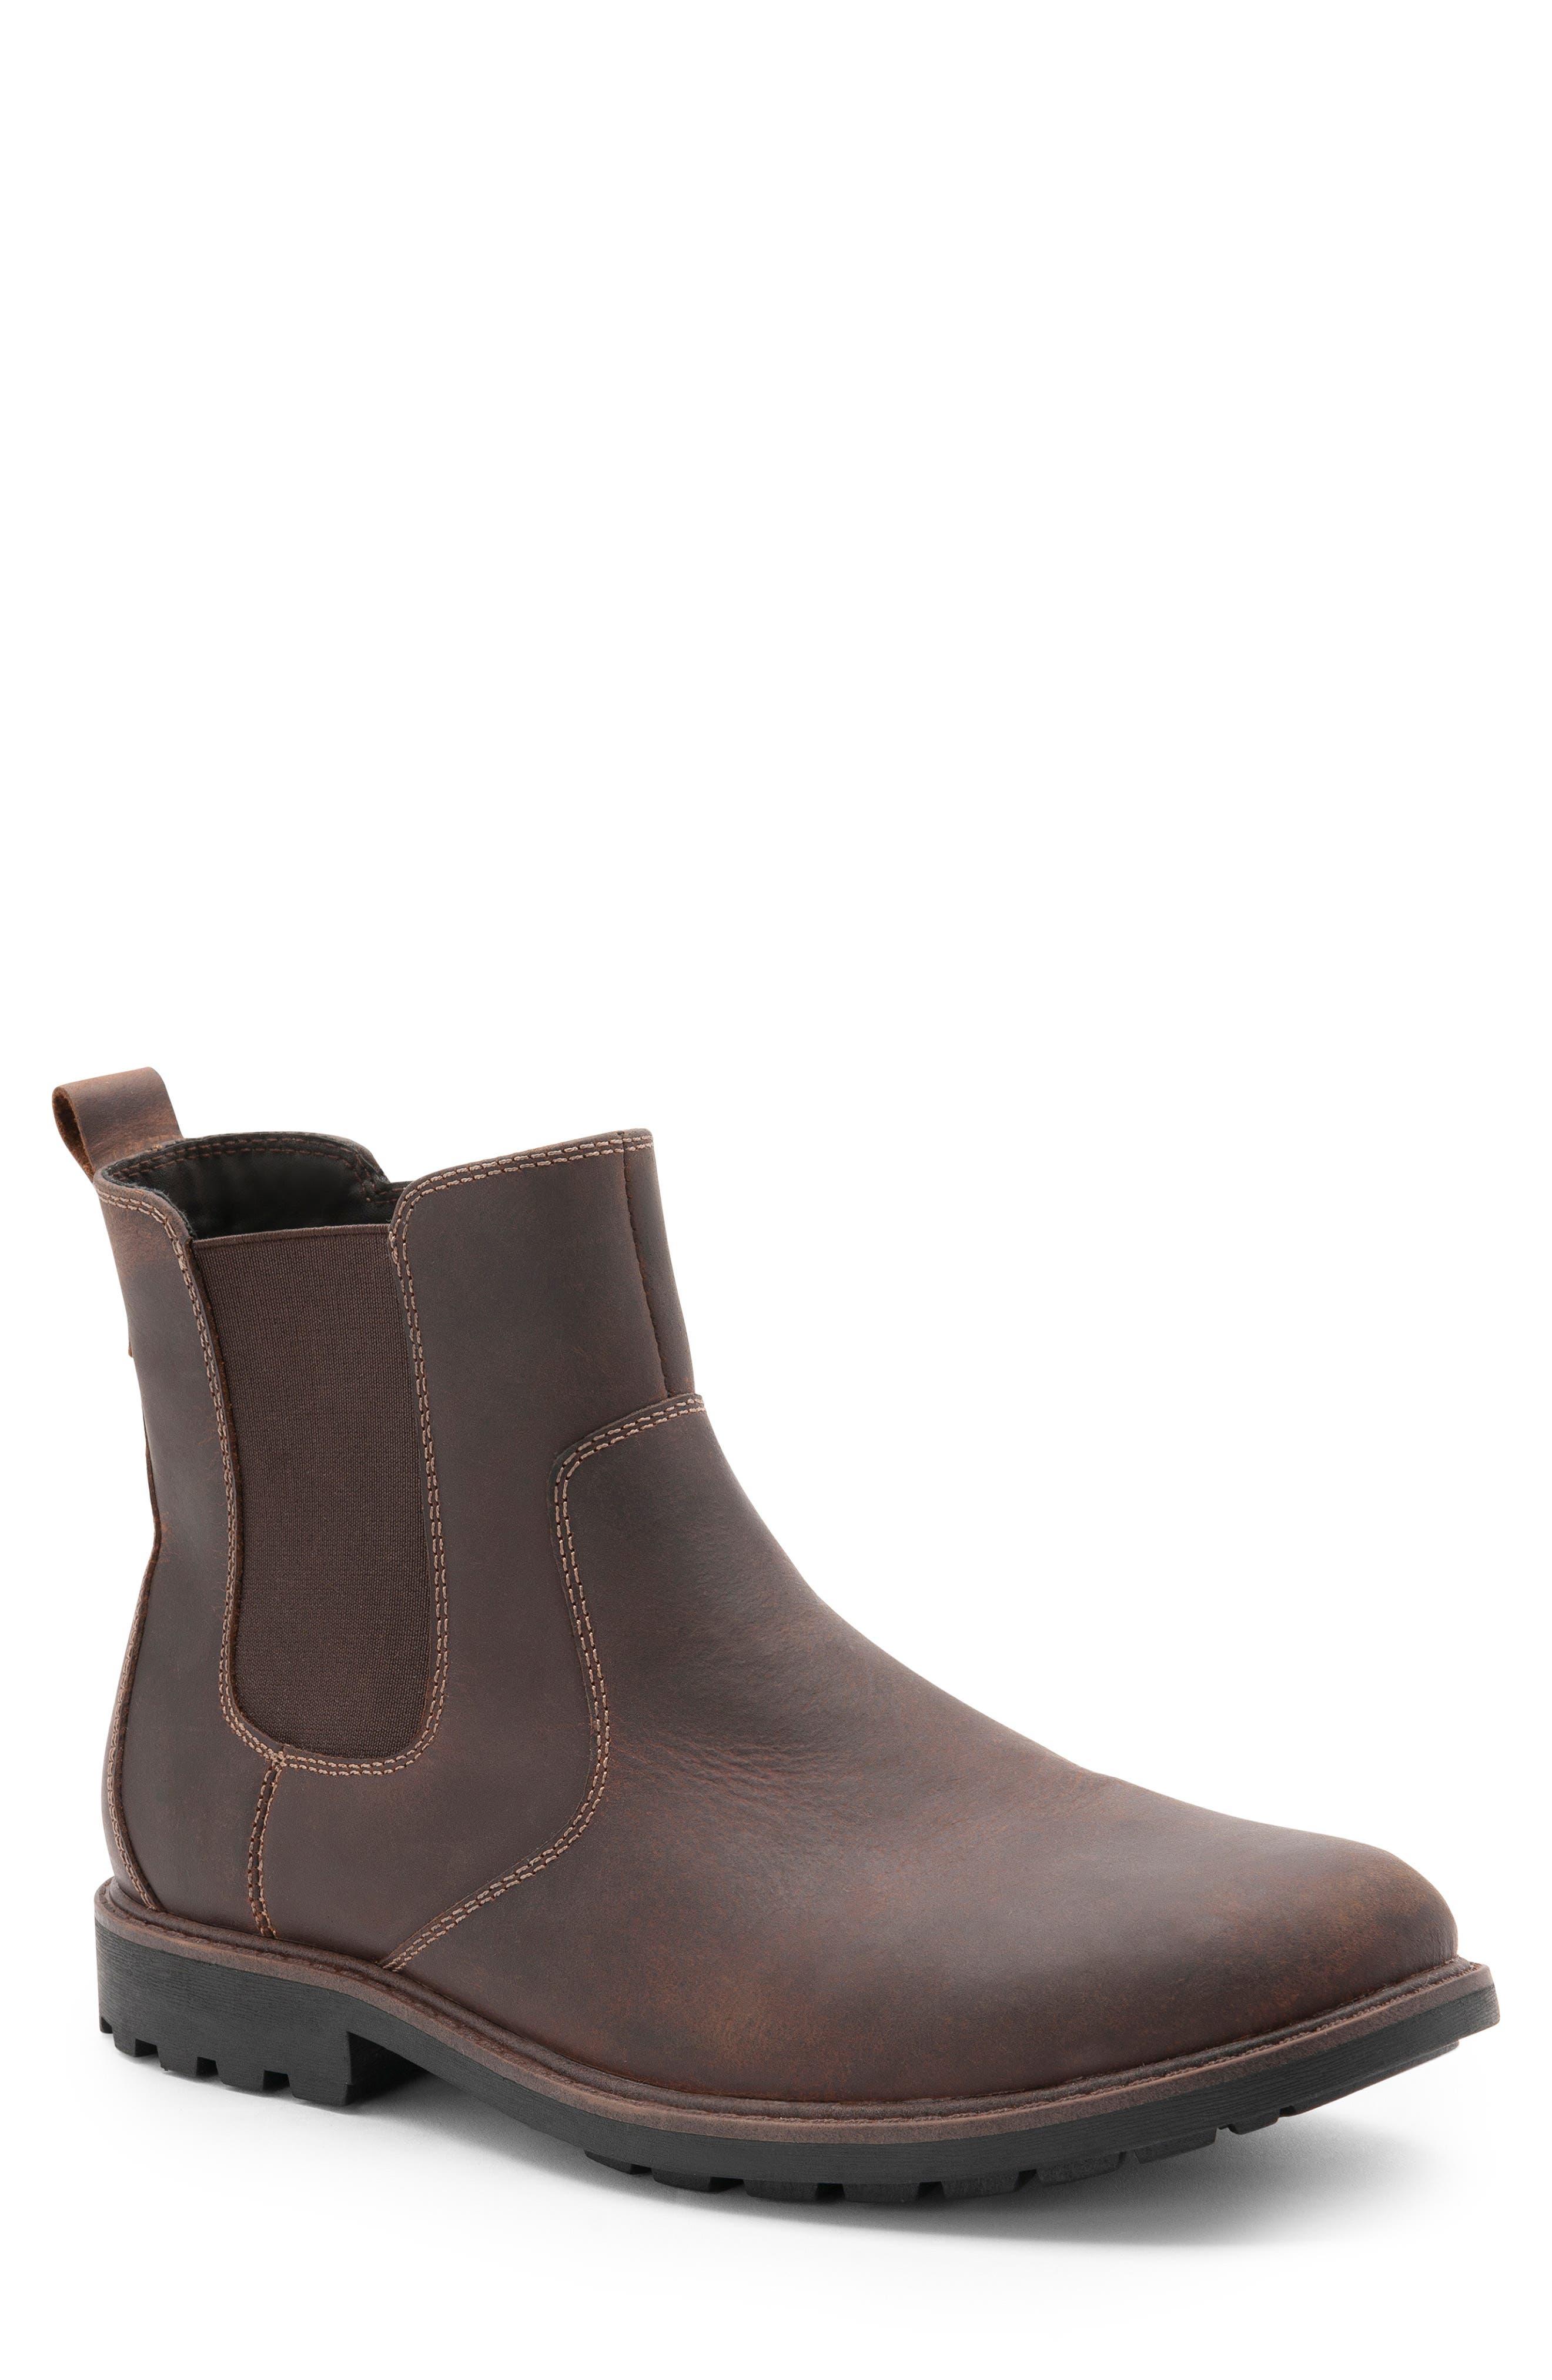 Blondo Shadow Waterproof Chelsea Boot- Brown